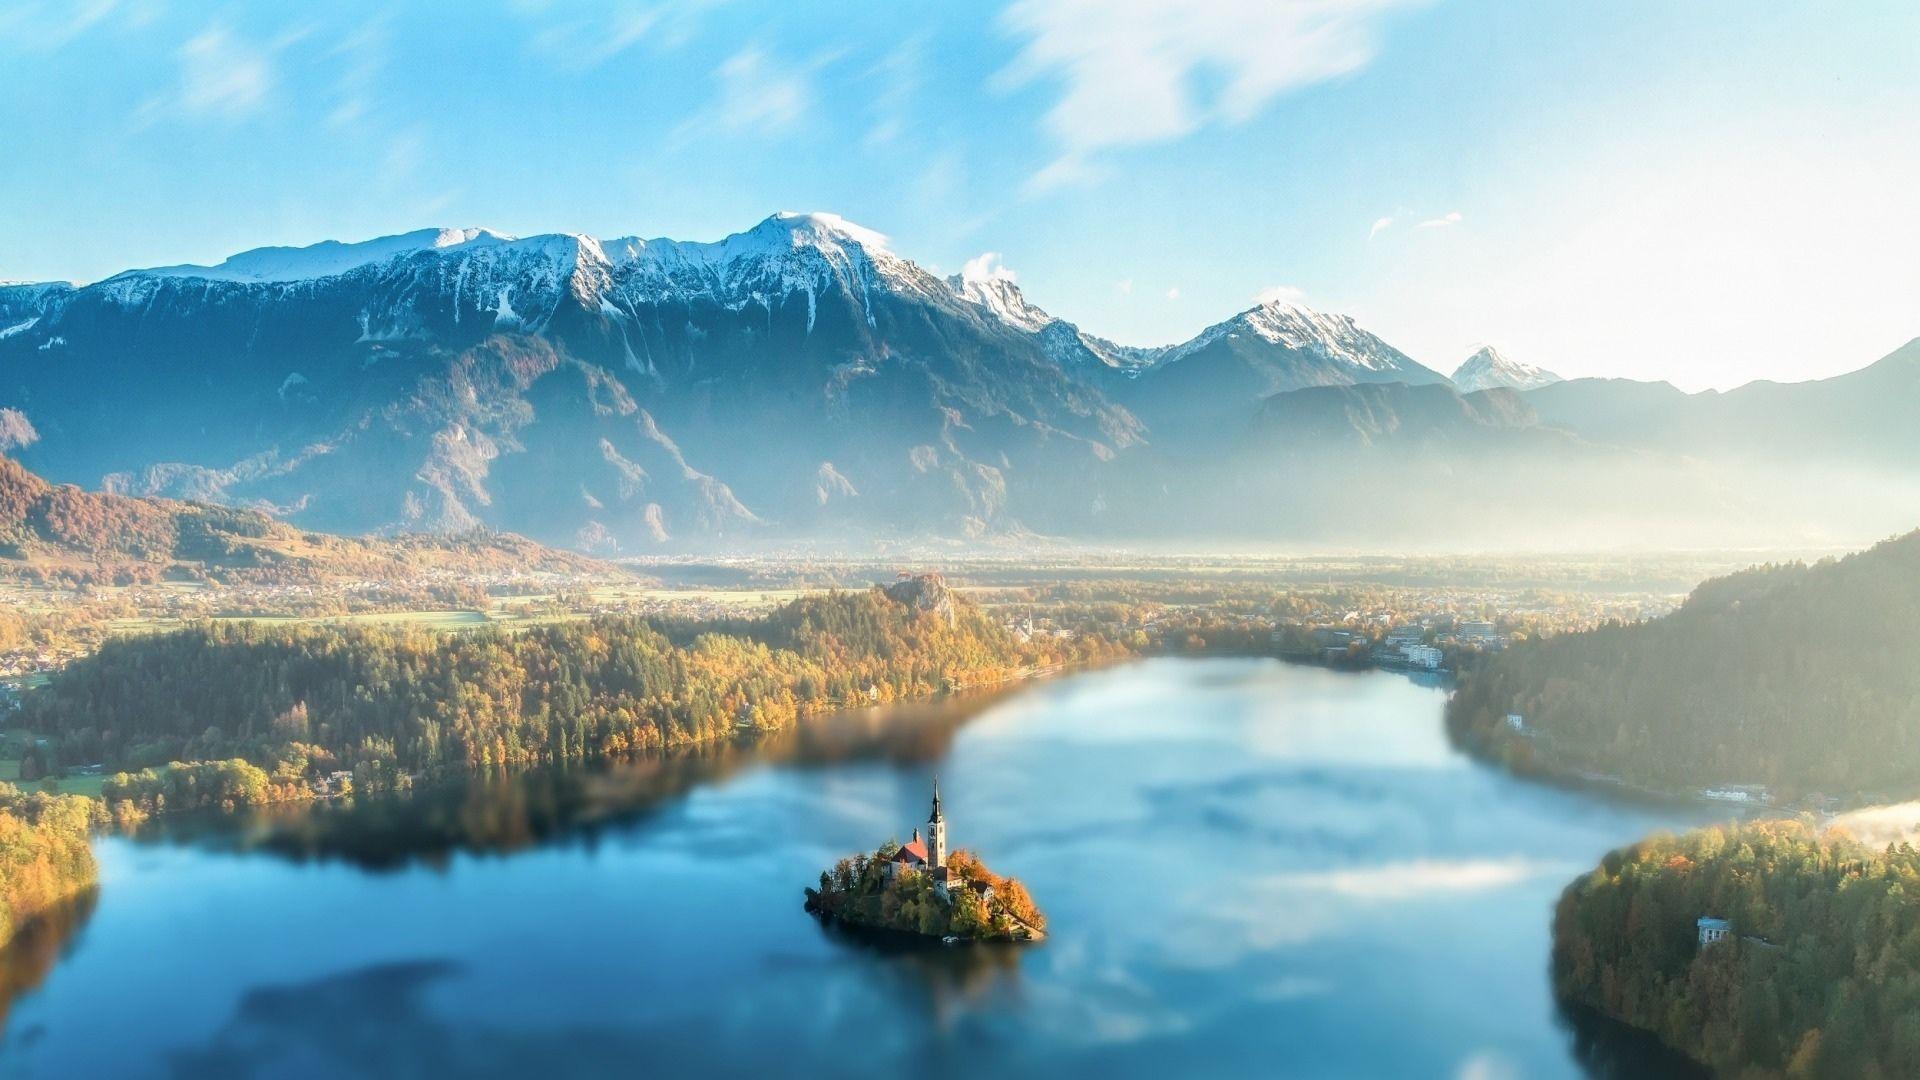 斯洛文尼亚自然风景图片高清桌面壁纸